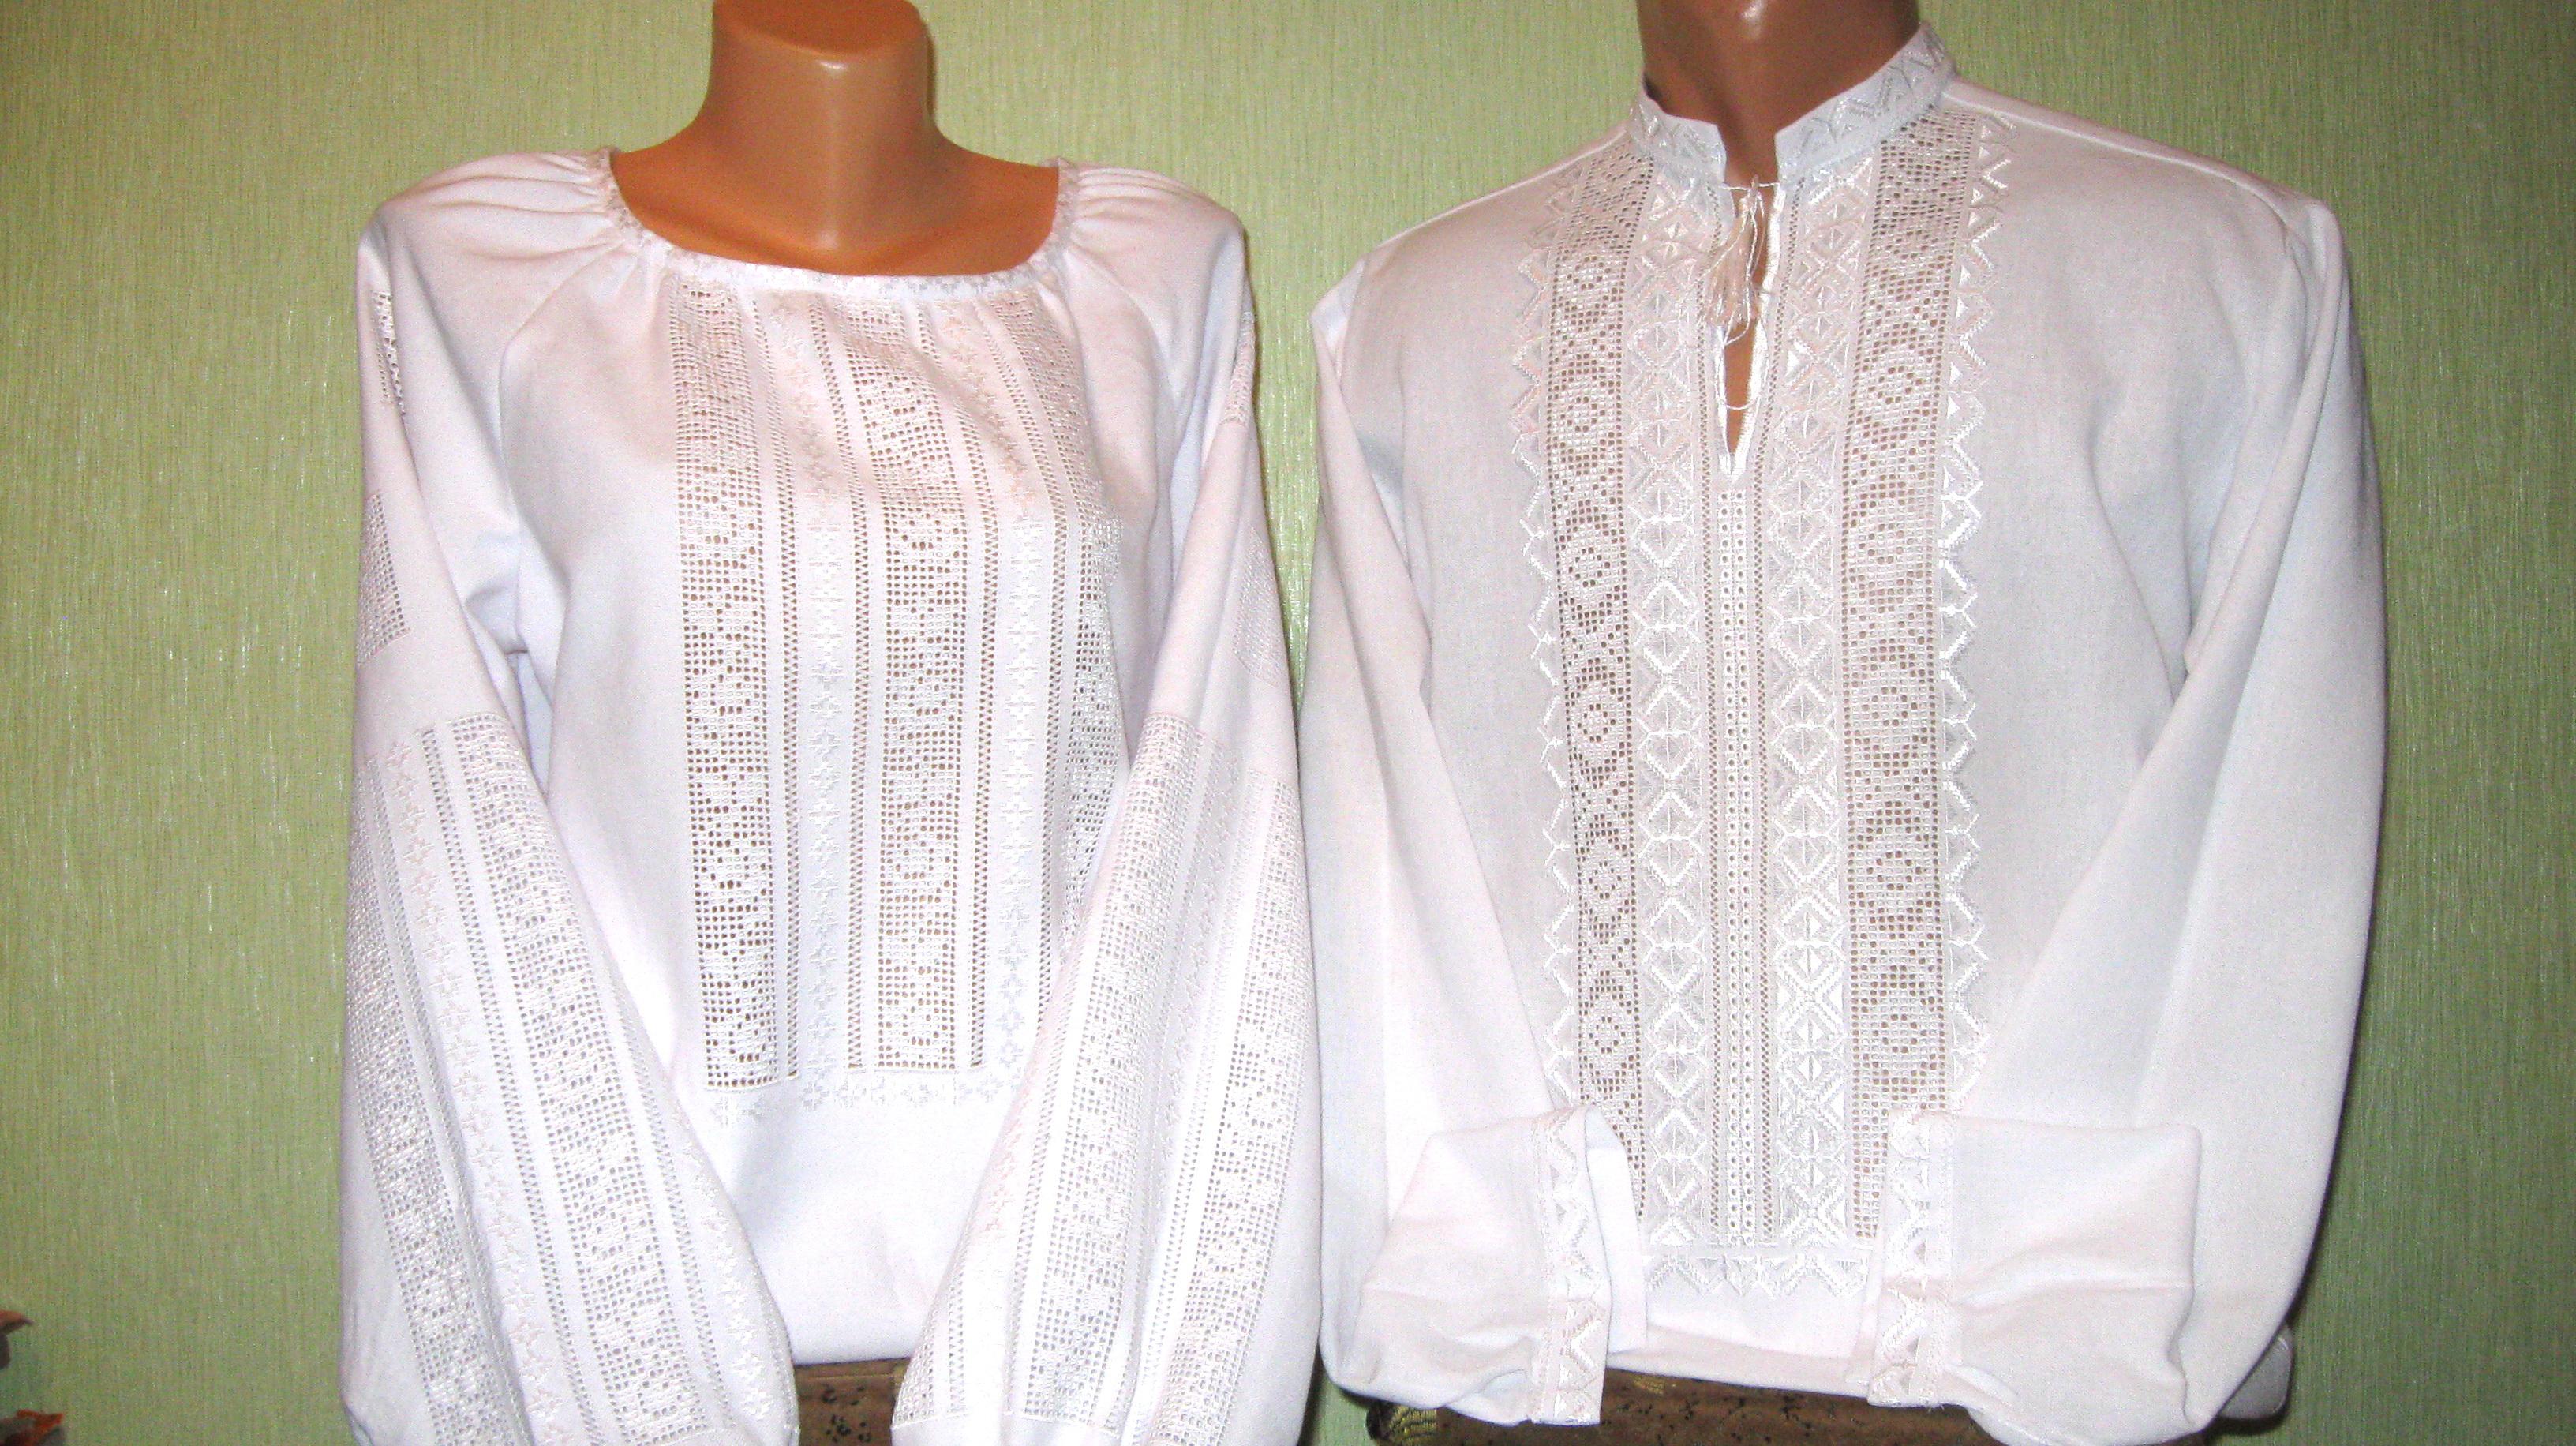 Парные вышиванки белым по белому - Товары - Вишиванки ручної роботи ... fb2defbac7f45